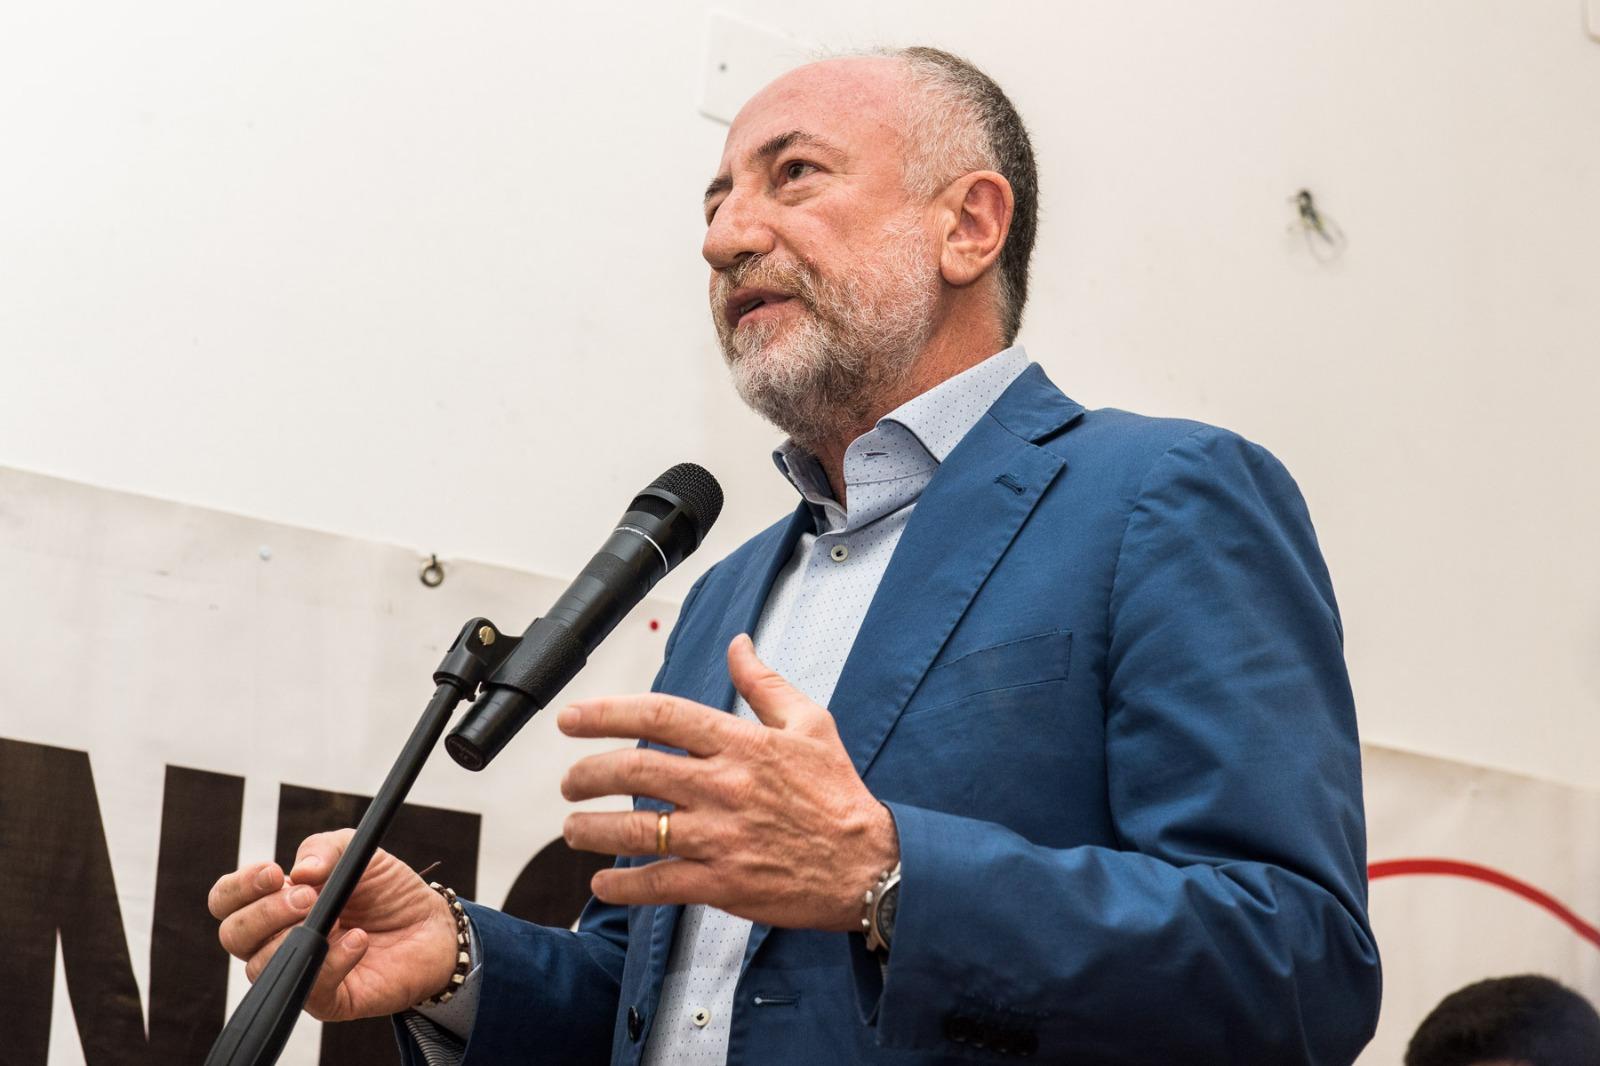 Gaetano Sciacca